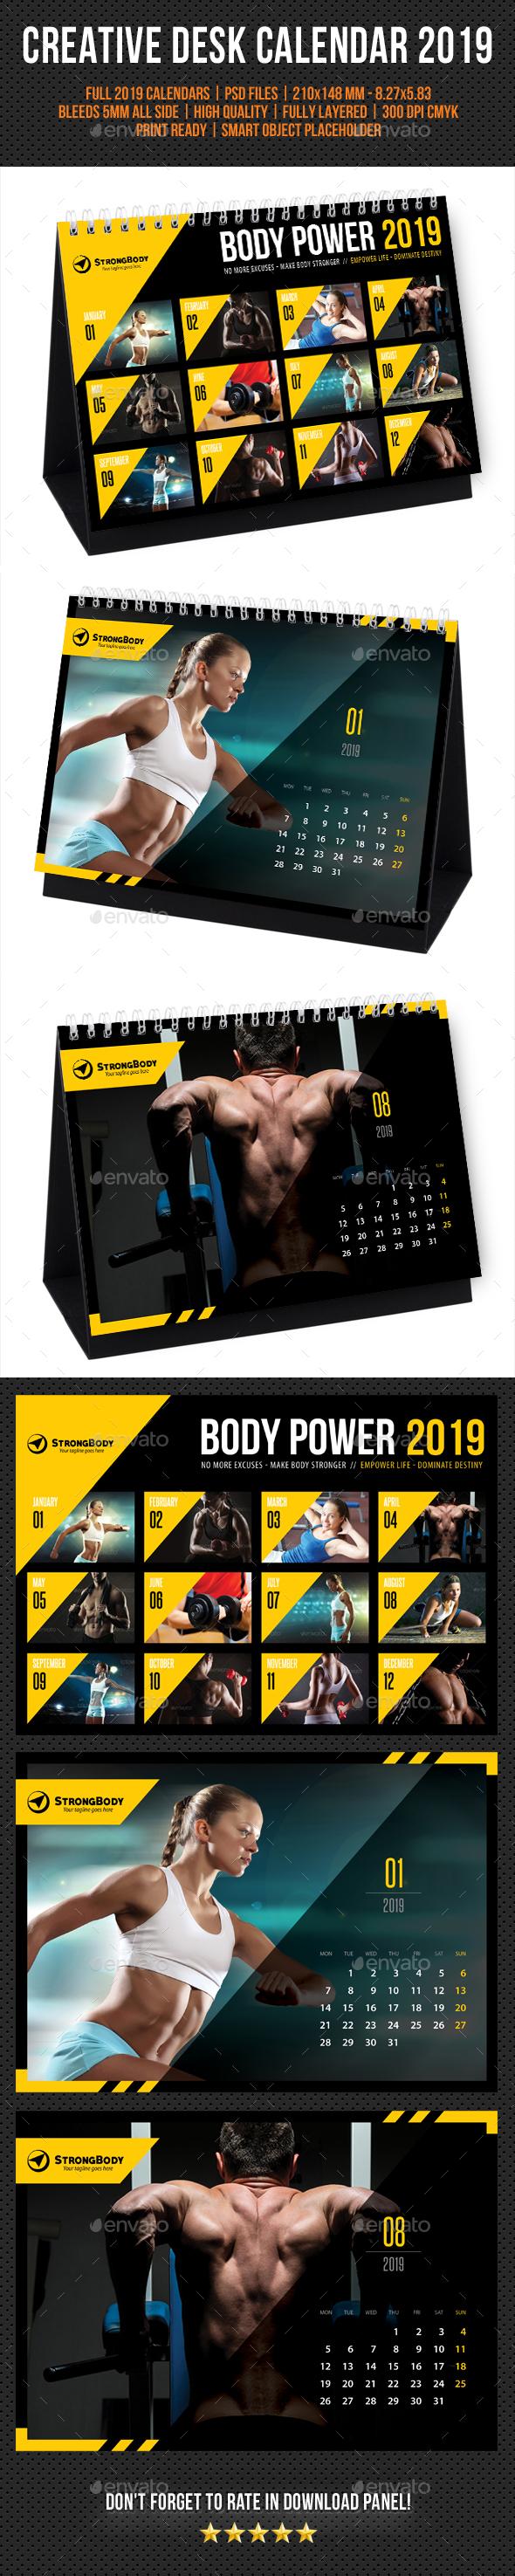 Creative Desk Calendar 2019 V30 - Calendars Stationery